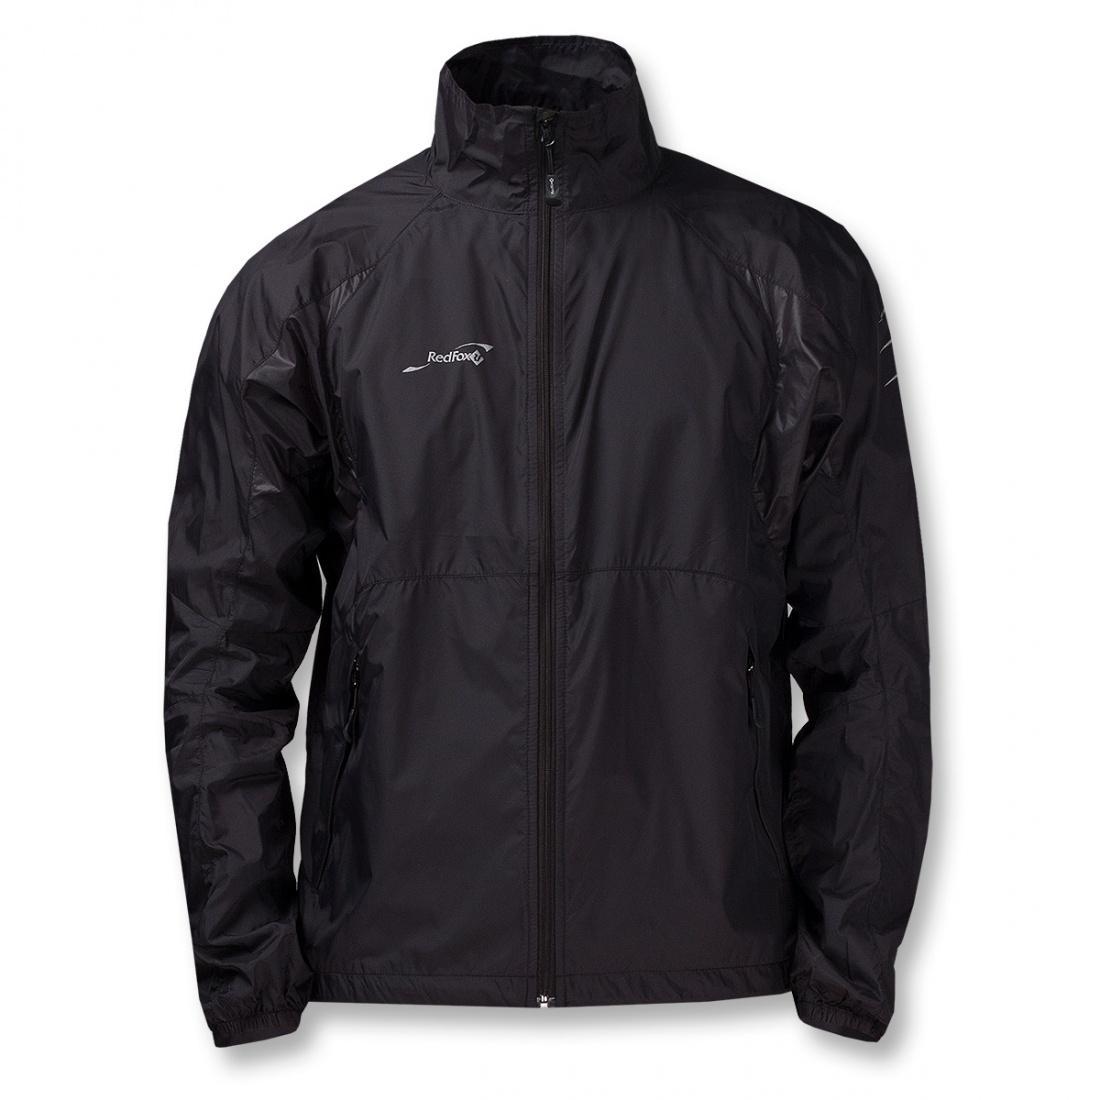 Куртка ветрозащитная Trek Light IIКуртки<br><br> Очень легкая куртка для мультиспортсменов. Отлично сочетает в себе функции защиты от ветра и максимальной свободы движений. Куртку можно компактно упаковать в карман, расположенный на спине.<br><br><br> Особенности:<br><br><br>Два бо...<br><br>Цвет: Черный<br>Размер: 48